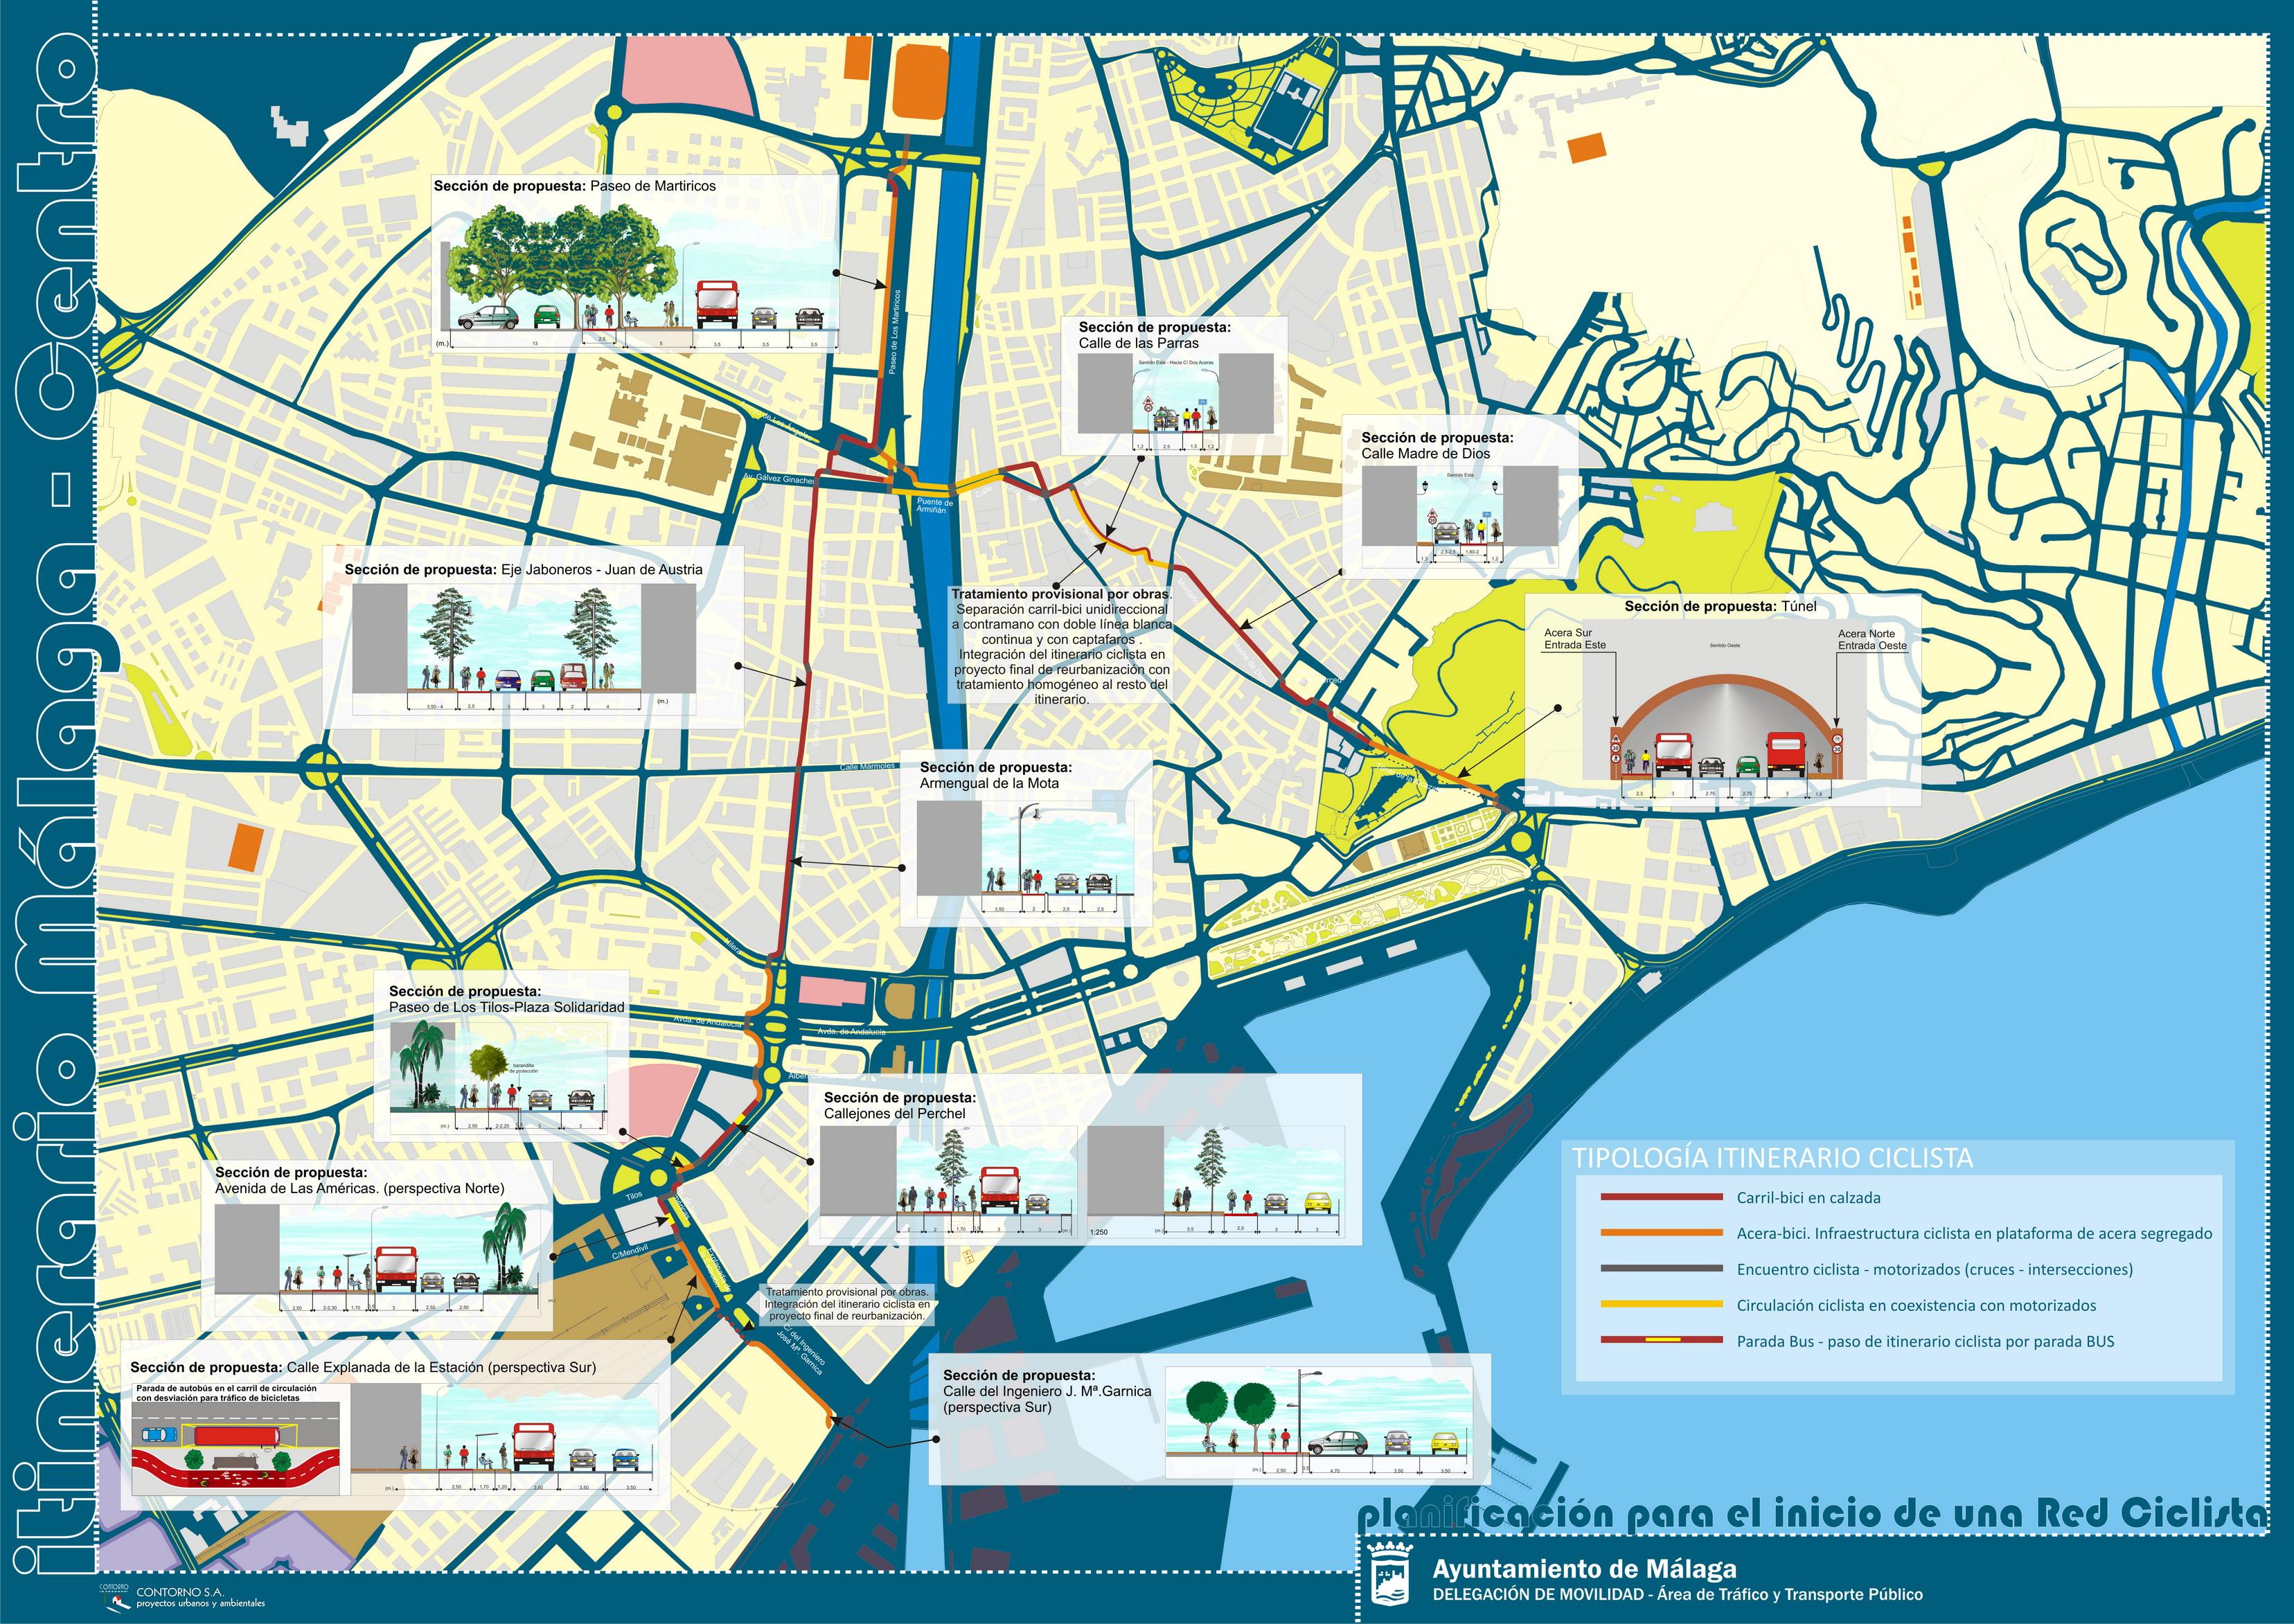 Vías ciclistas del Centro Histórico de Málaga 2011